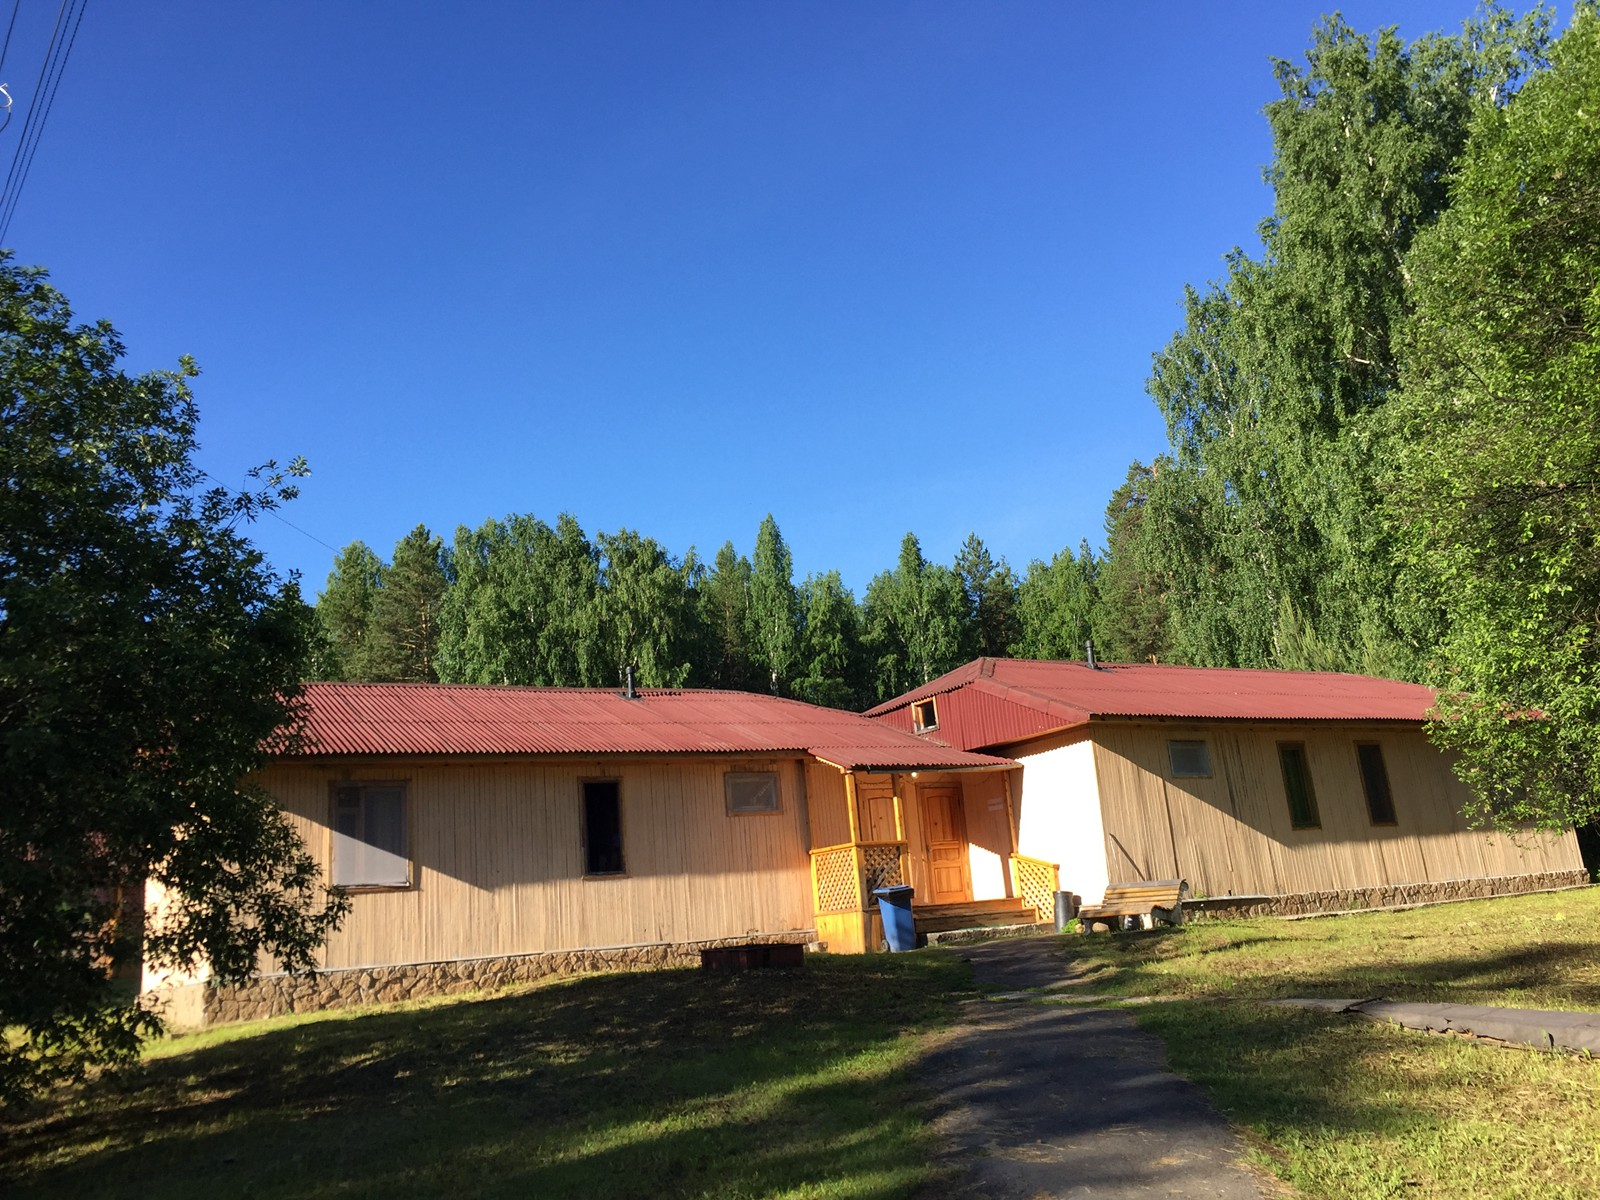 我们住的就是这样一排排的小木屋,住着很舒服,不冷不热